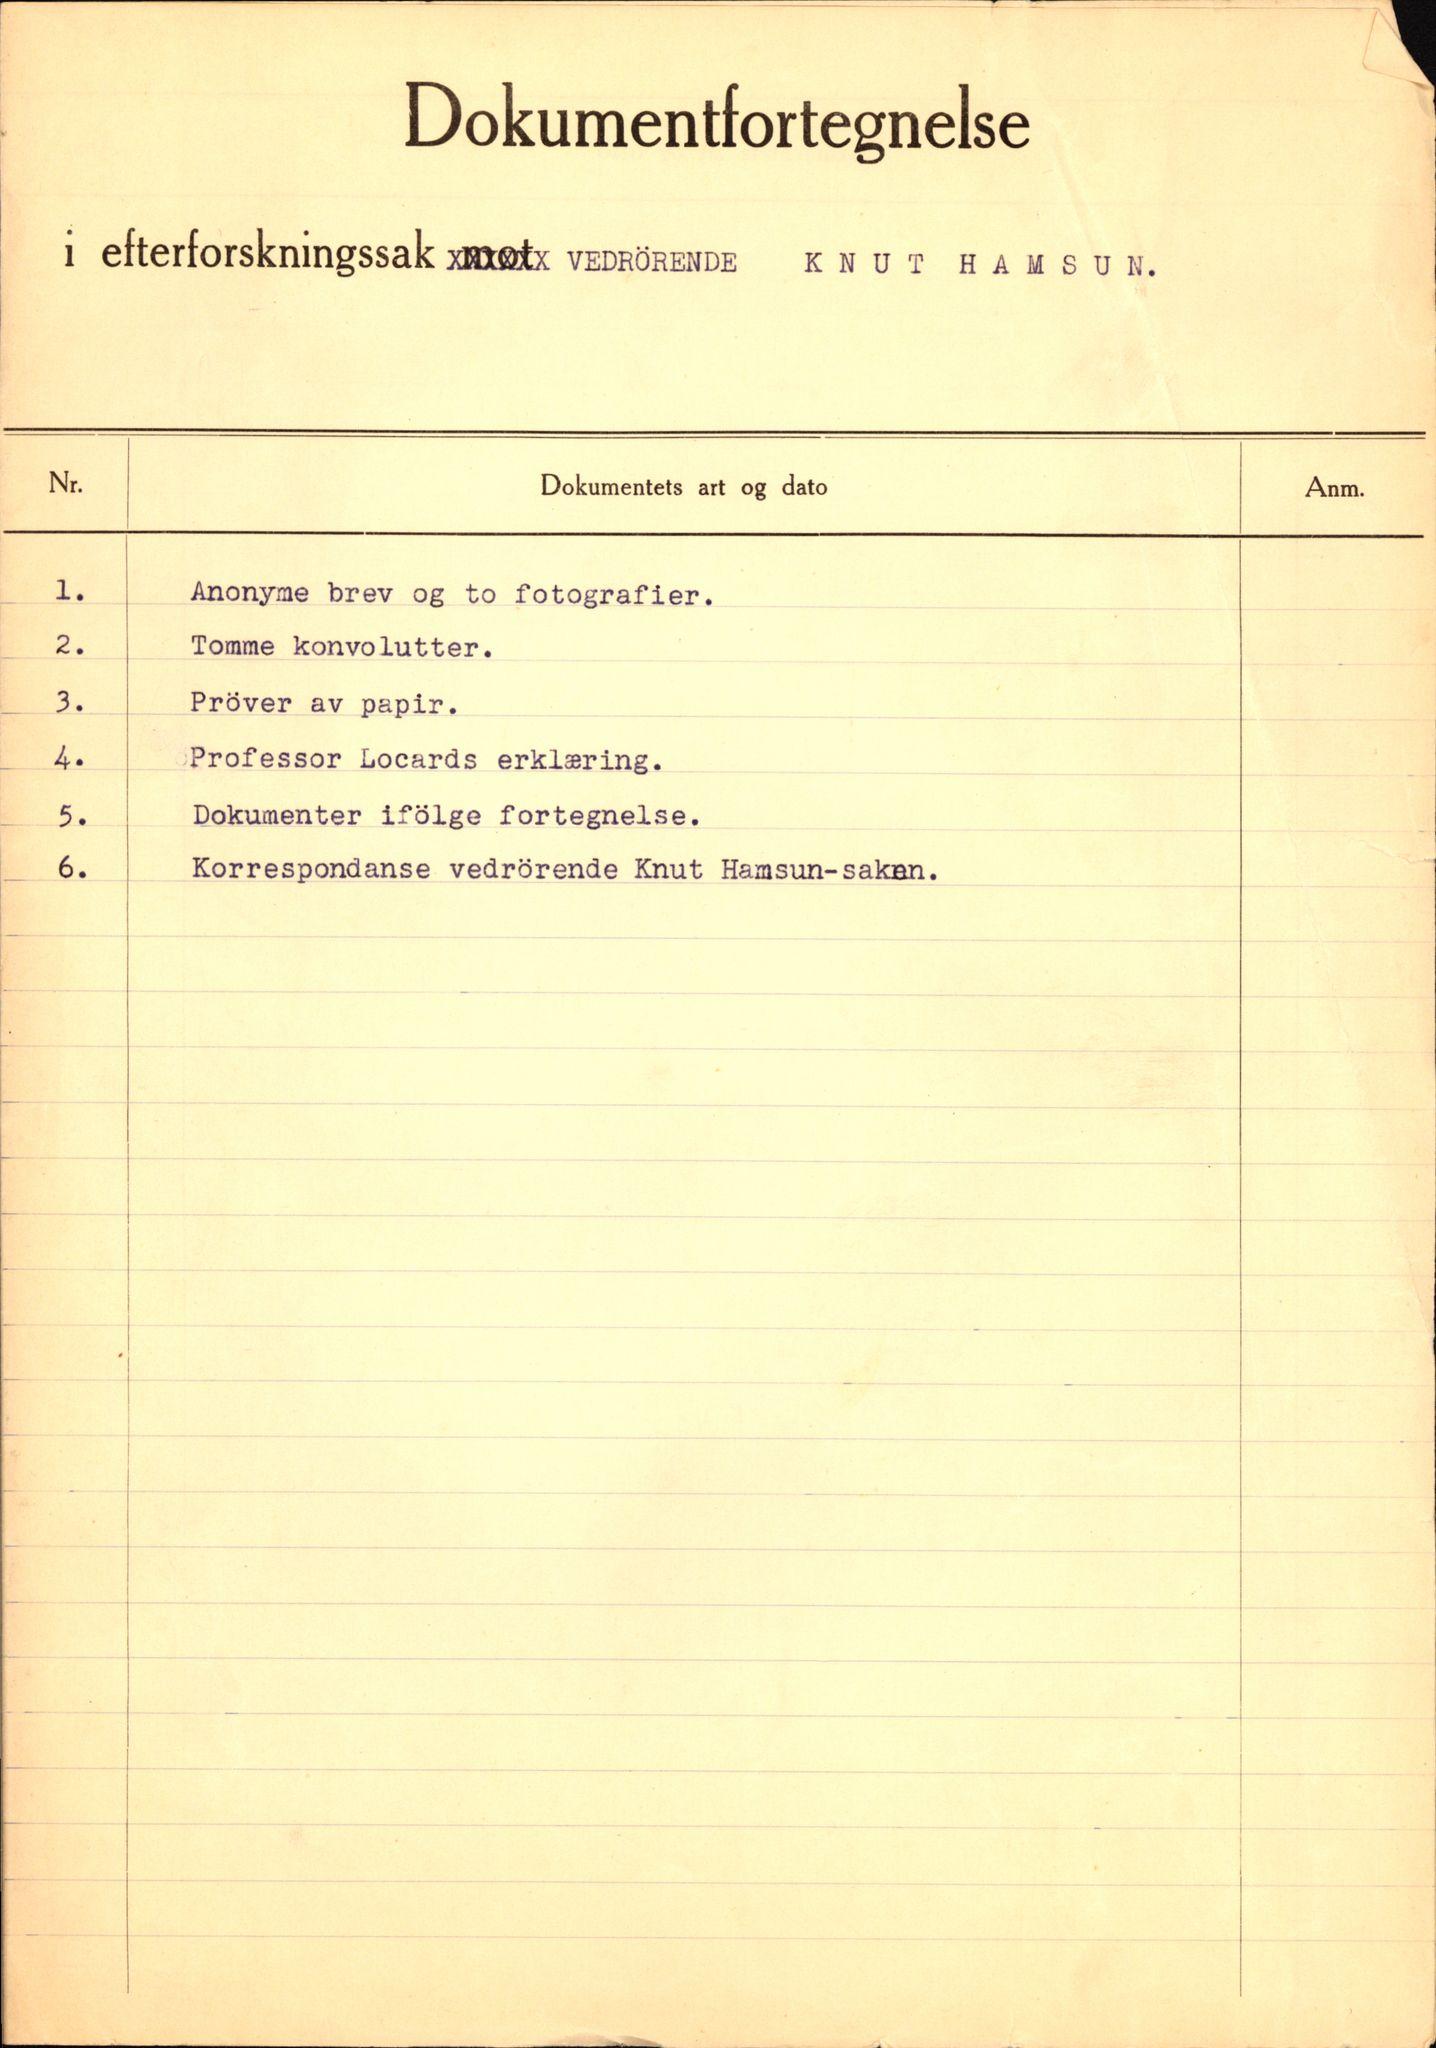 RA, Landssvikarkivet, Arendal politikammer, D/Dc/L0029: Anr. 192/45, 1945-1951, s. 1969